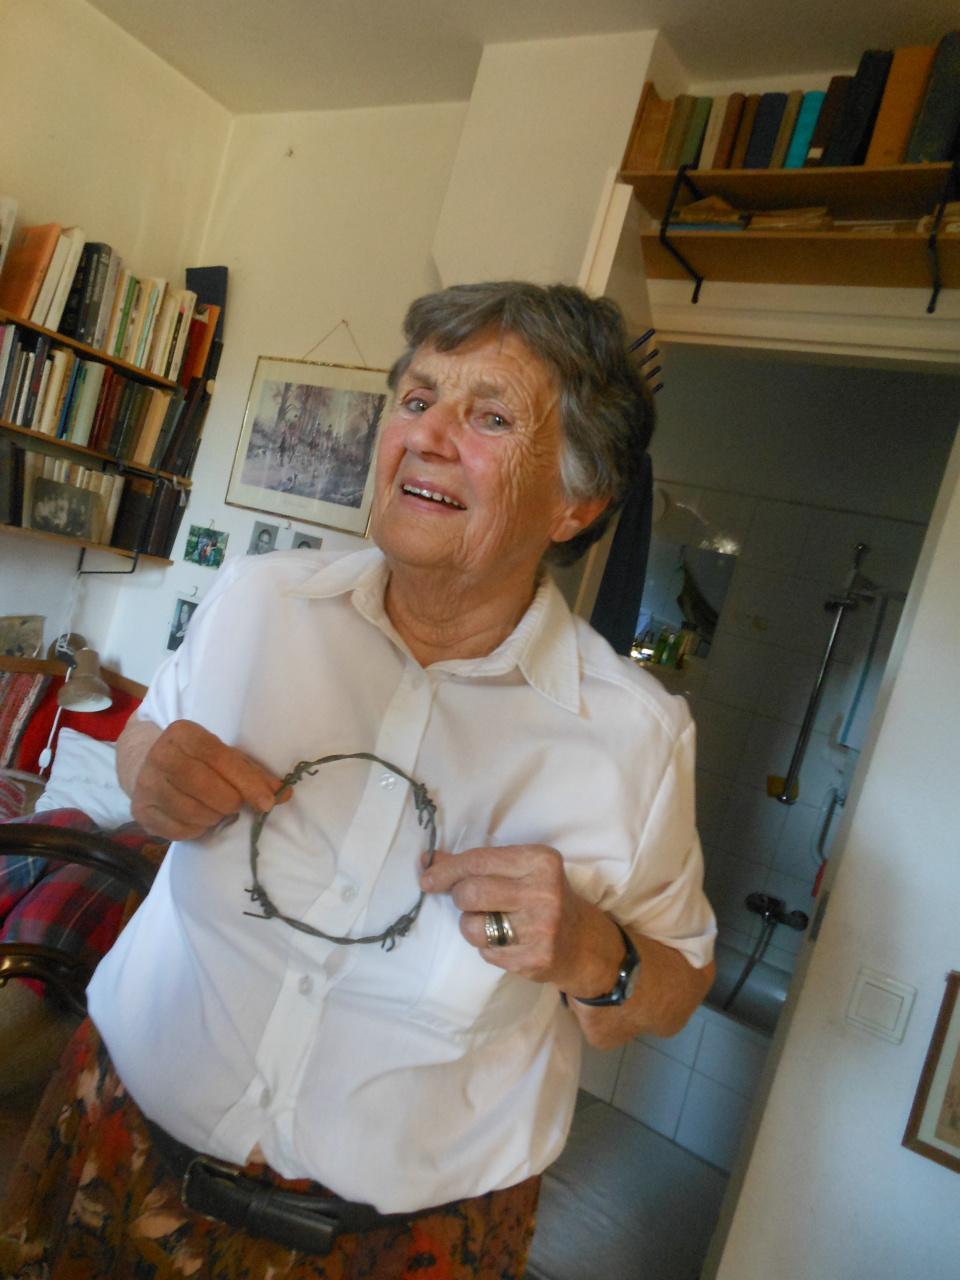 Maria Legeza met een stuk prikkeldraad in haar hand. Met Maria sprak ik over de gruwelen die haar en haar familie zijn aangedaan door de communisten. Ondanks alles lijkt zij opmerkelijk opgewekt in het leven te staan.